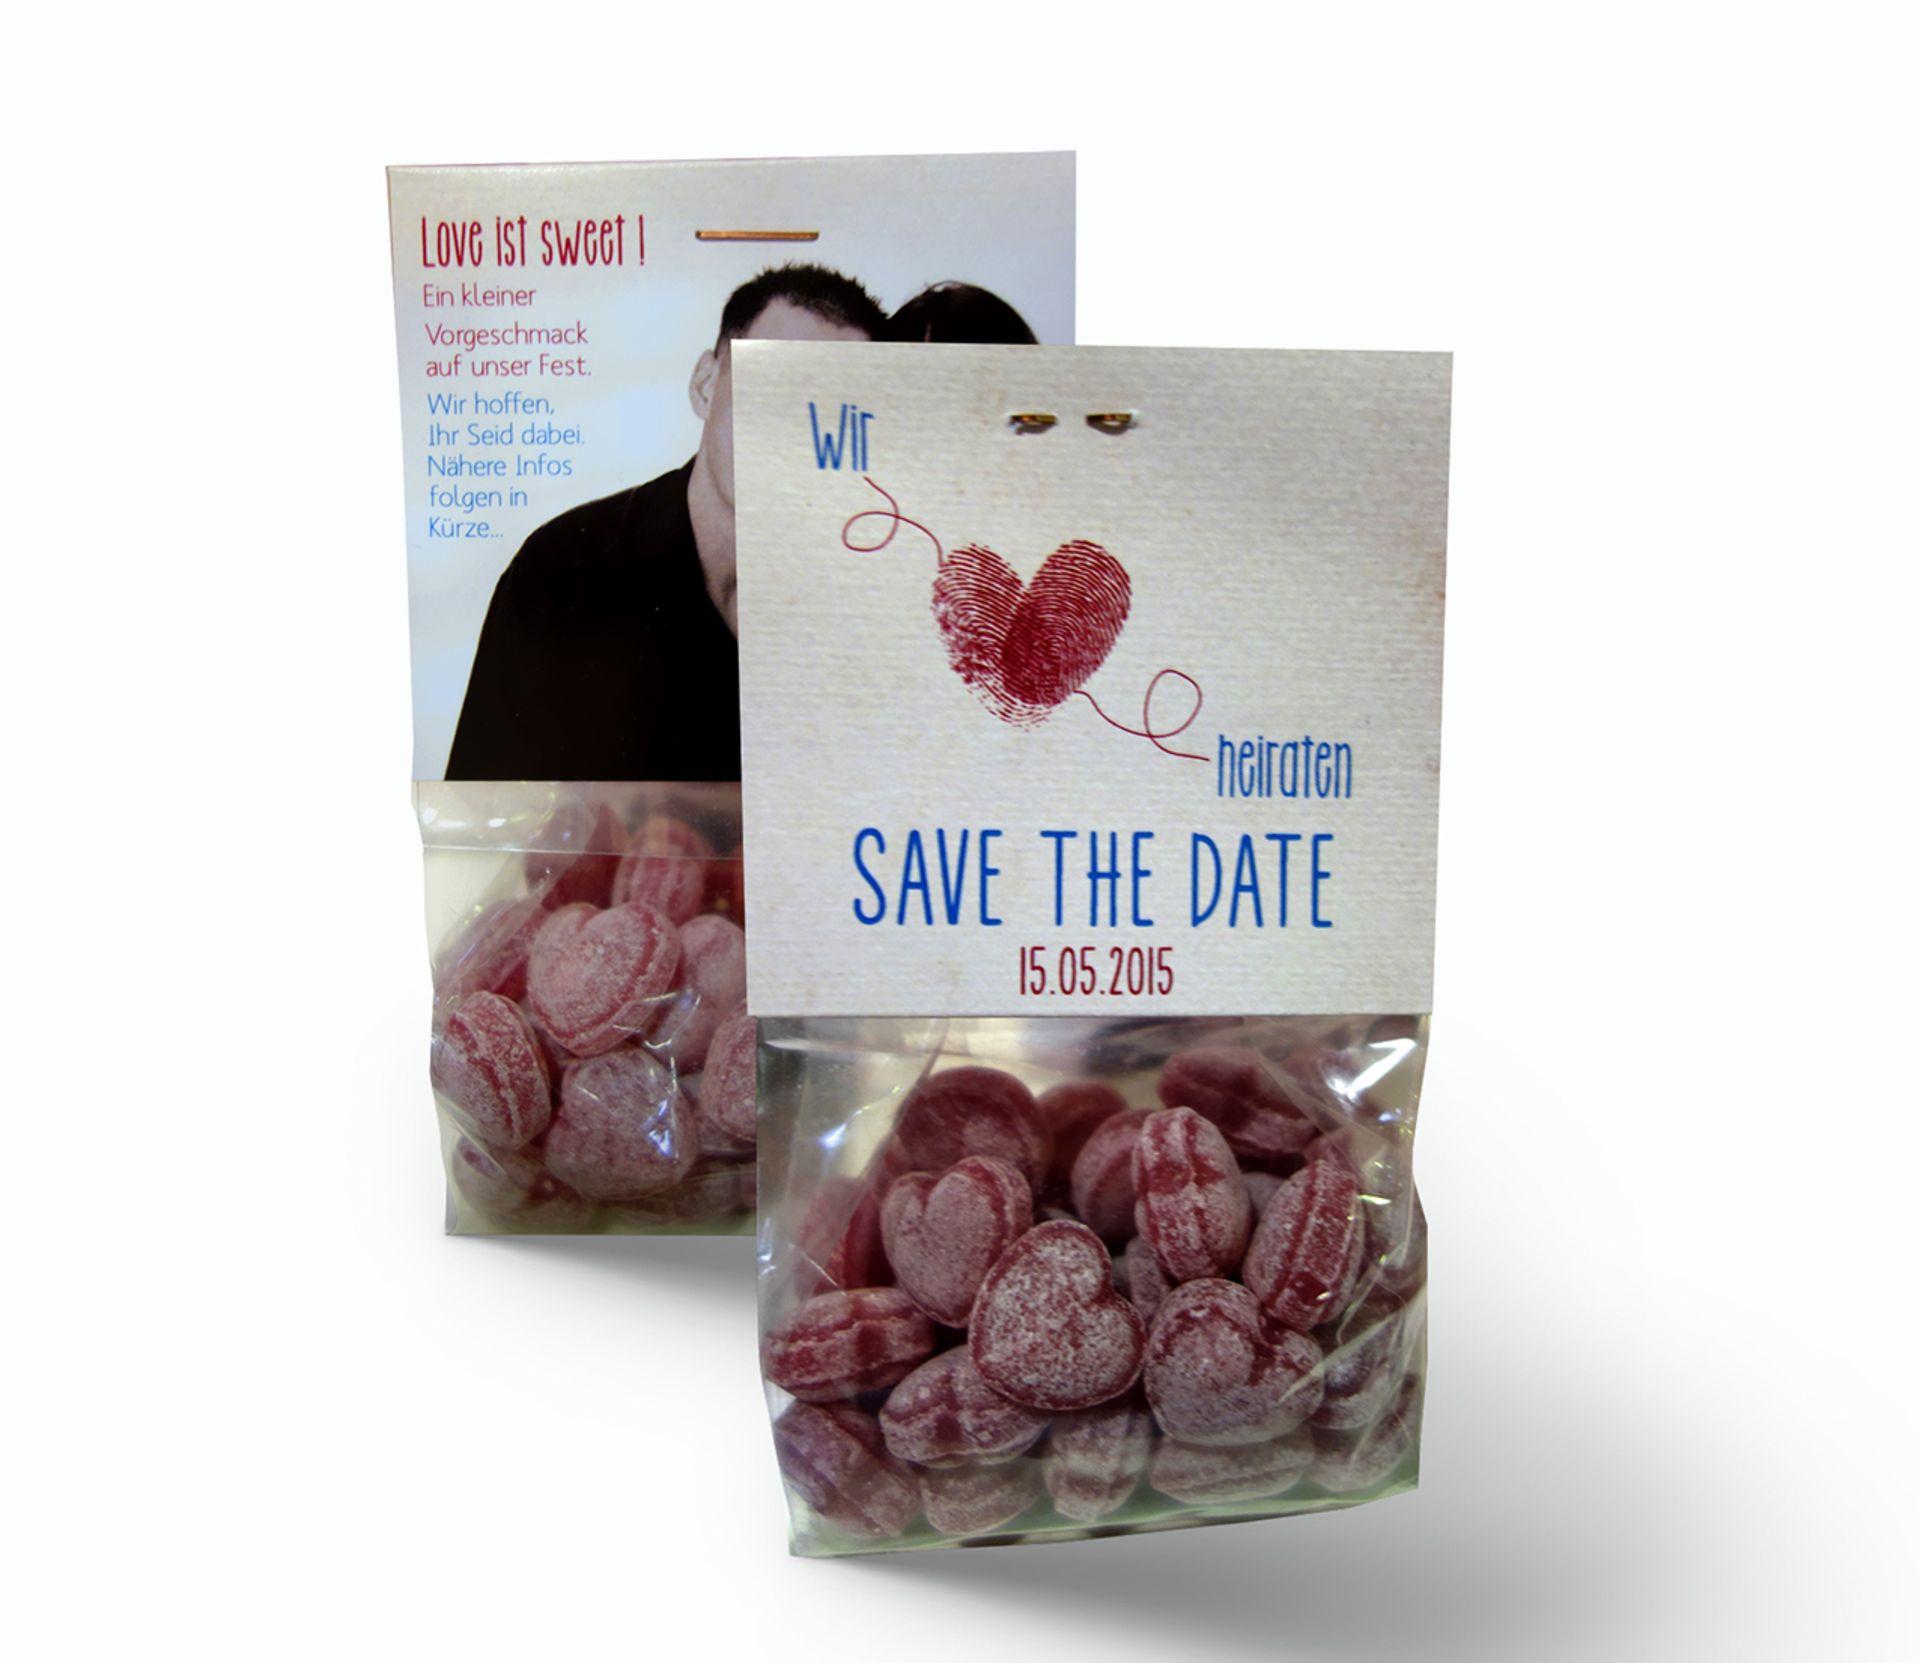 save the date karten tipps ideen f r die hochzeitskarten. Black Bedroom Furniture Sets. Home Design Ideas